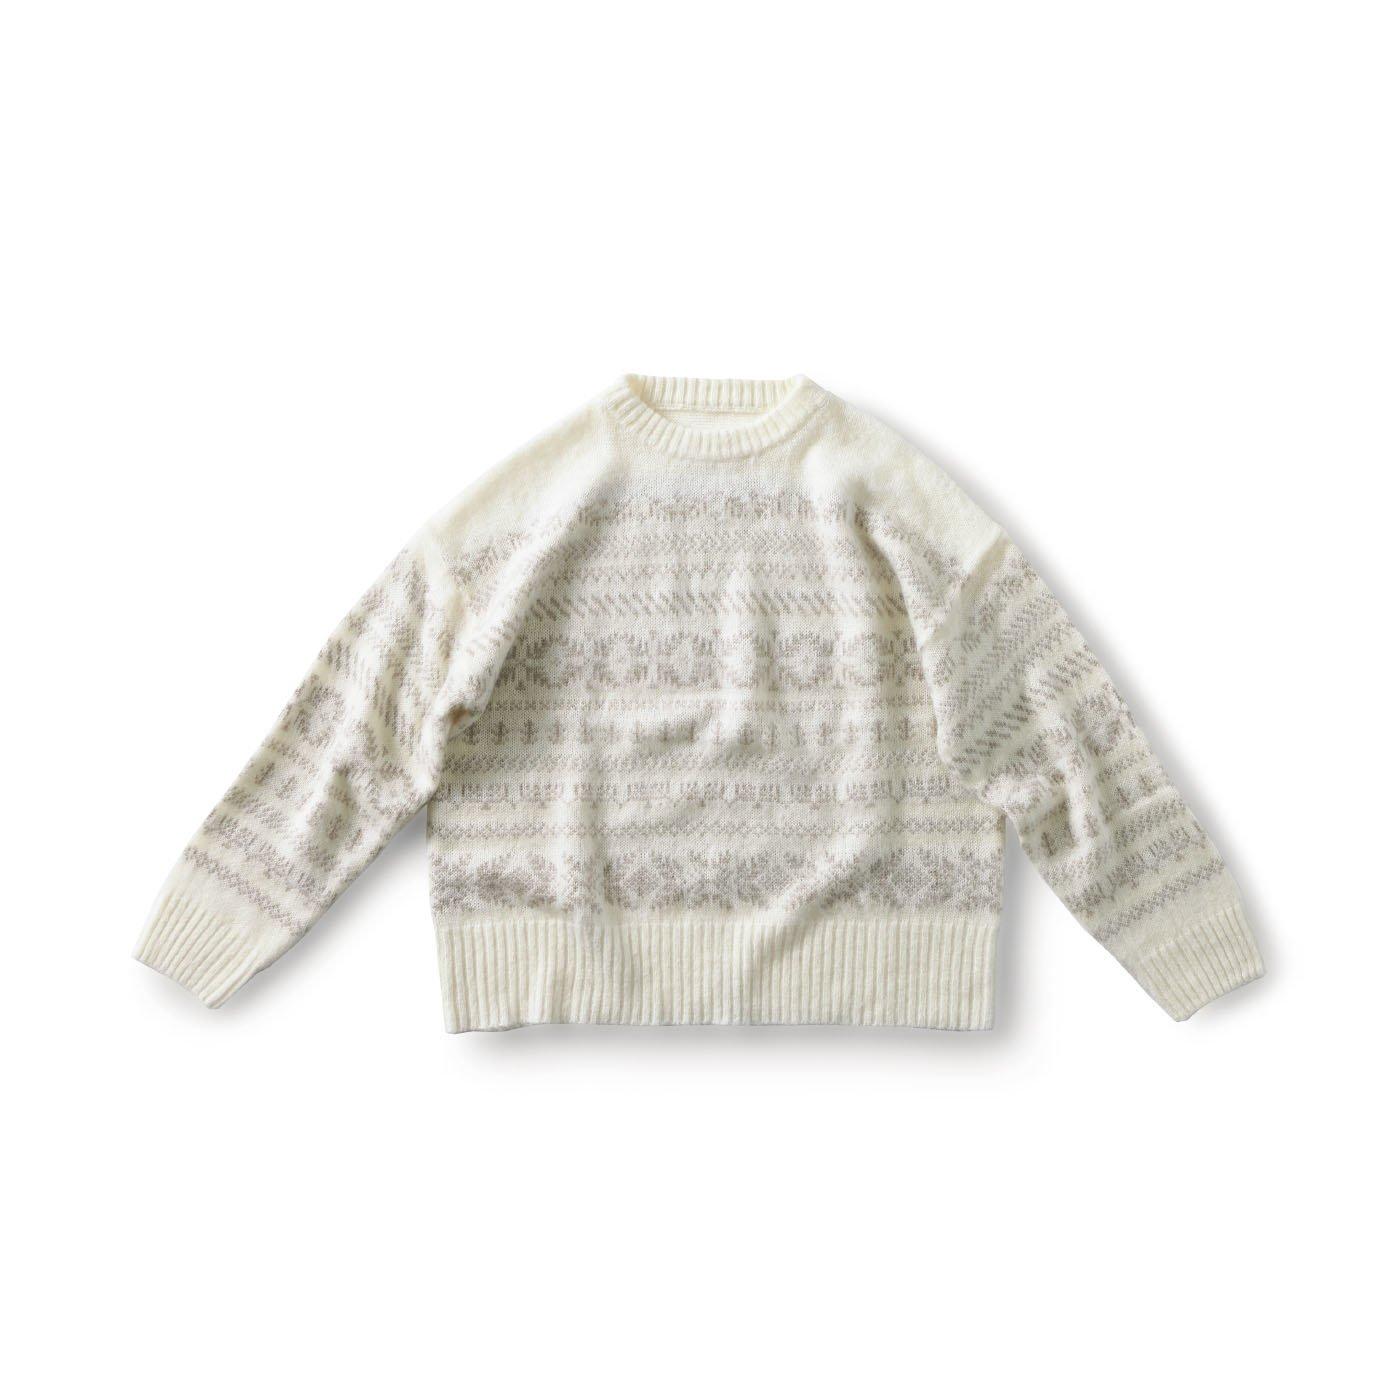 and myera 編み模様のニットセーター〈ホワイト〉